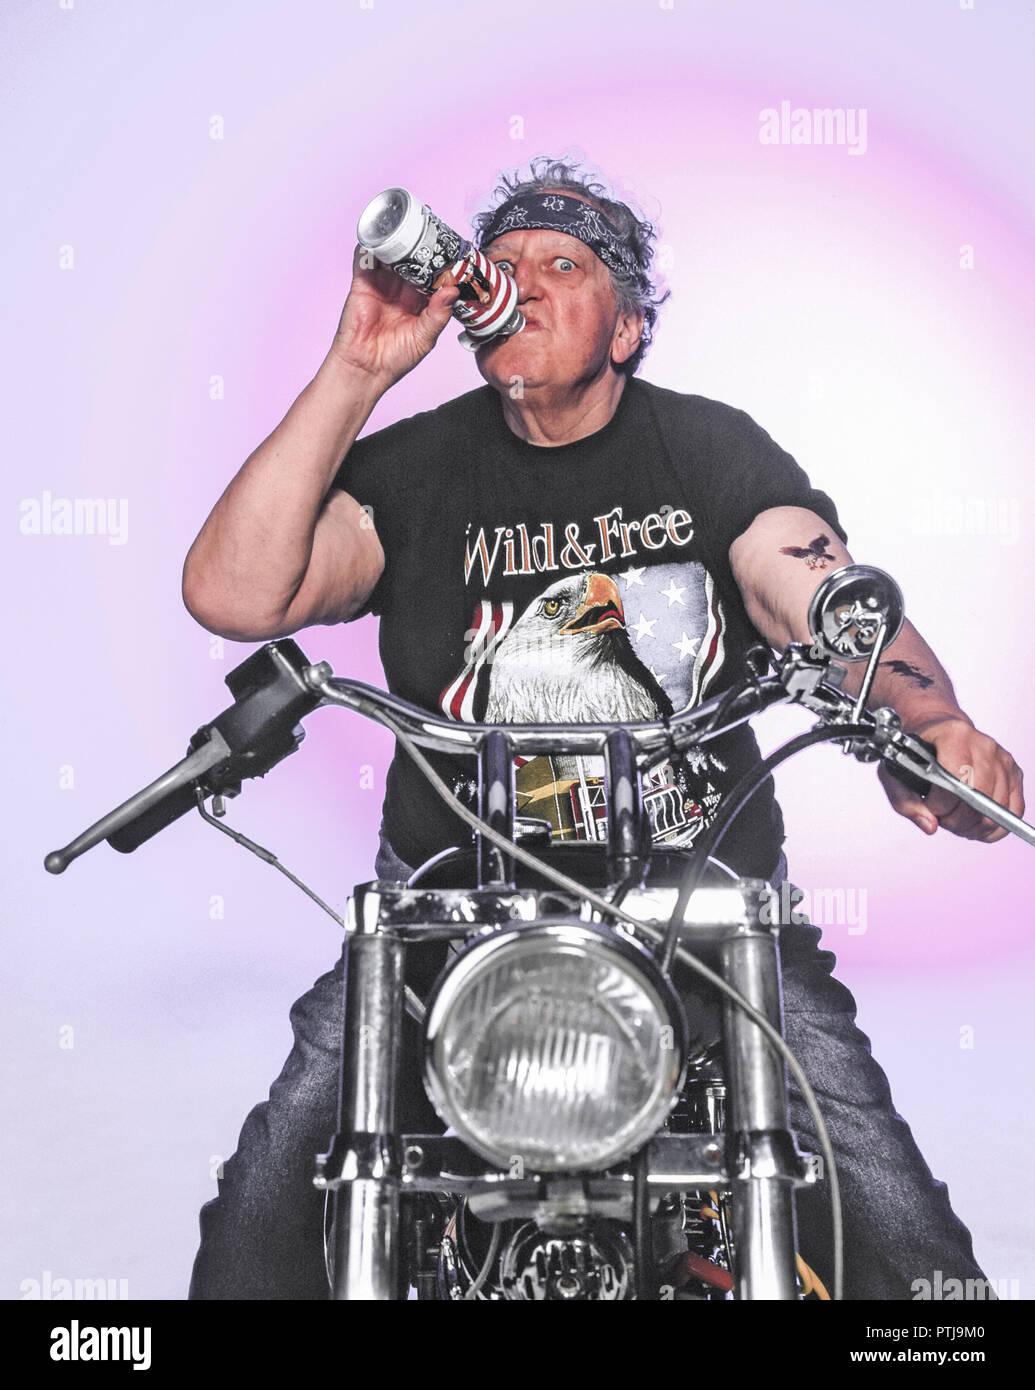 Homme Homme Senior Espiegle 60 A 80 Ans Vieux Dejante Drole Humour Humour Parodie Retraites Rockers Motards Moto Moto Vieux Rock Photo Stock Alamy